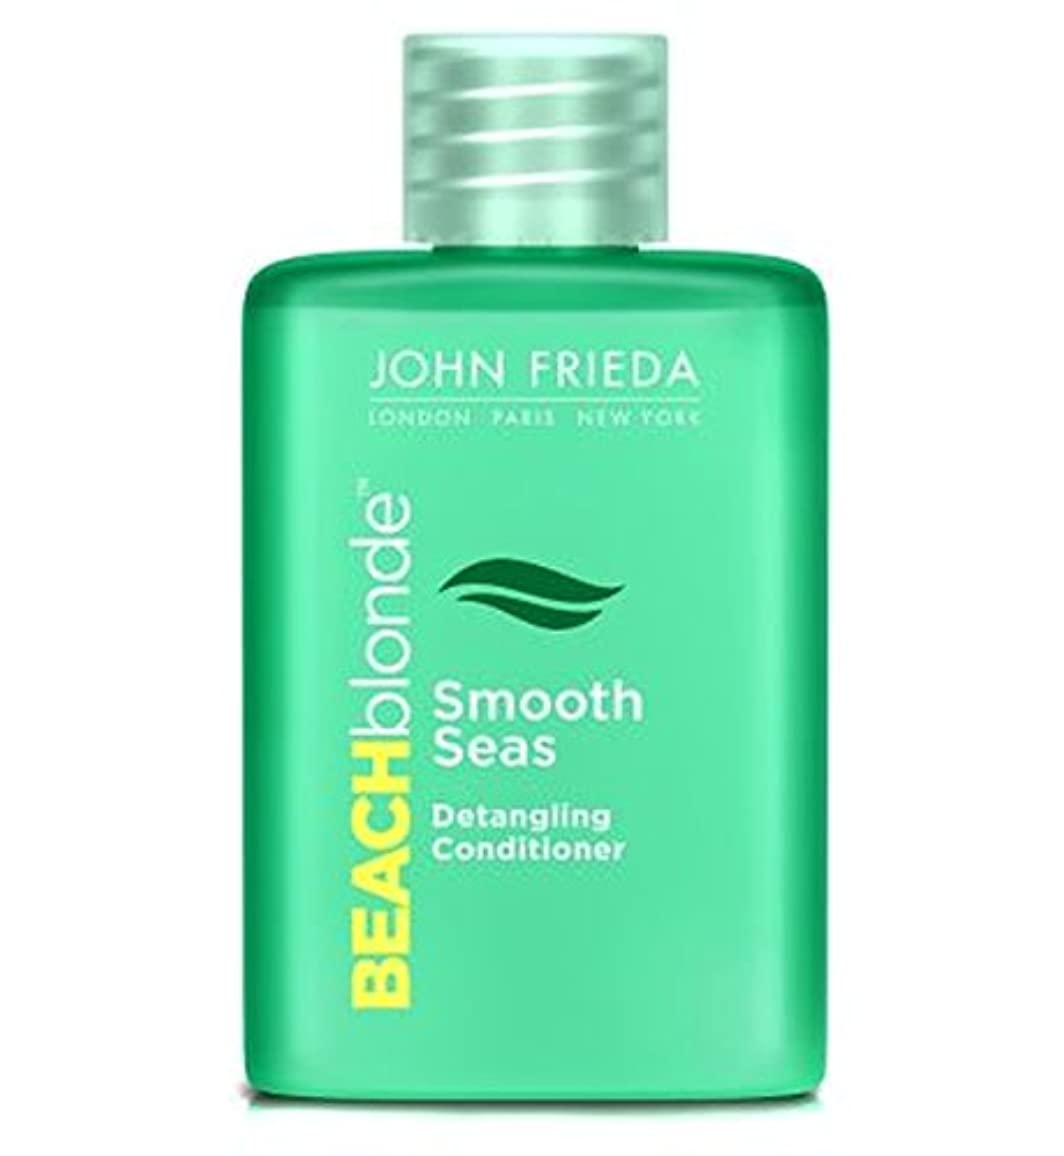 第環境に優しい断片コンディショナー50ミリリットルをもつれ解除ジョンFrieda?ビーチブロンド滑らかな海 (John Frieda) (x2) - John Frieda? Beach Blonde Smooth Seas Detangling...